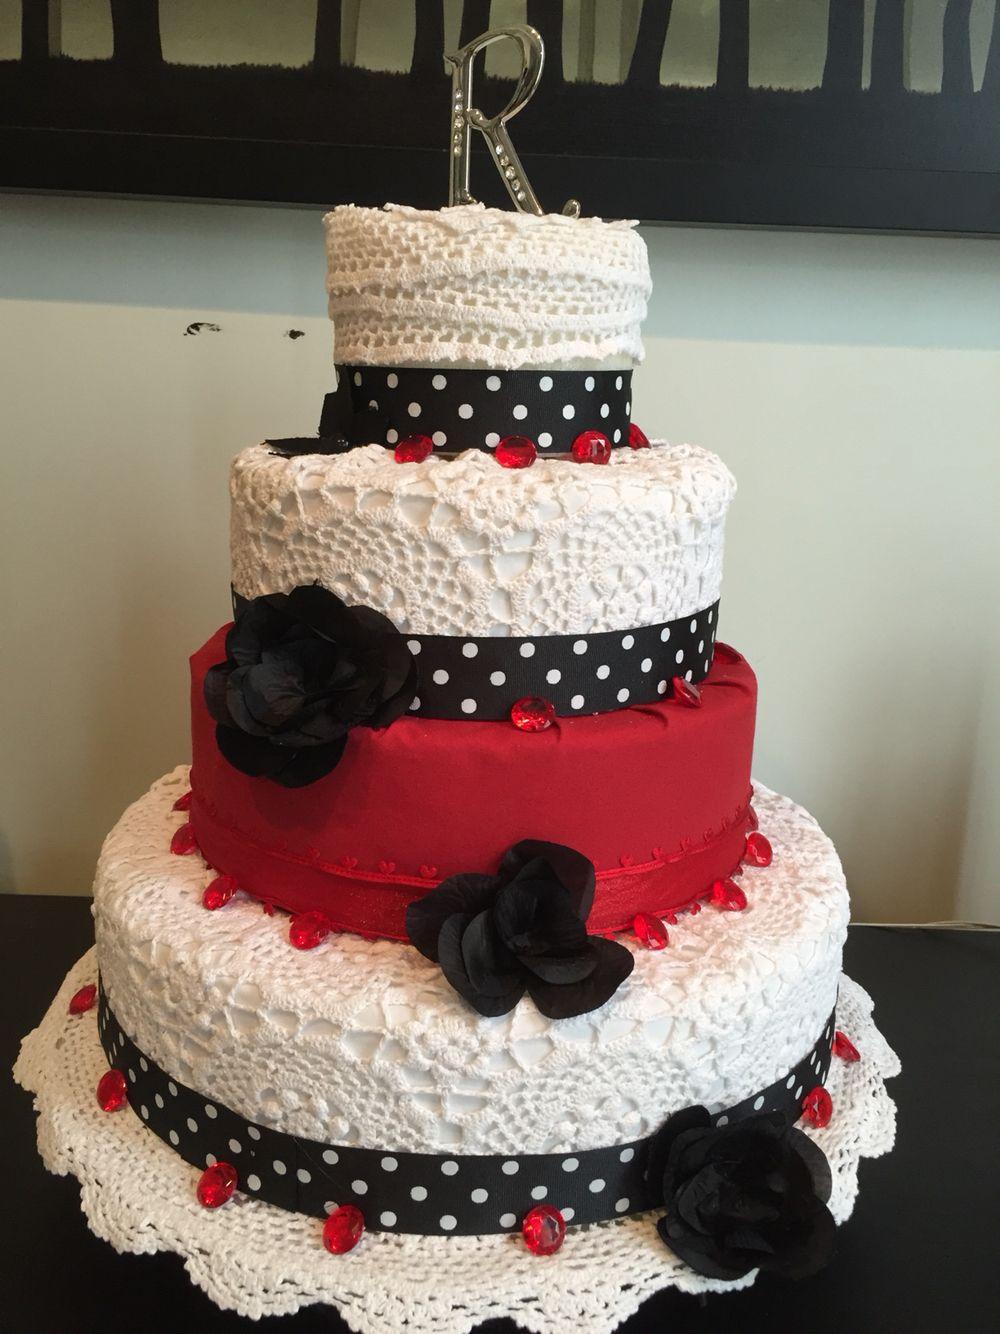 Pastel Hecho con tela  y tejido  en crochet para boda o otra ocasión una opción  en vez de pastel   DIY Wedding Cake with fabric and crochet.